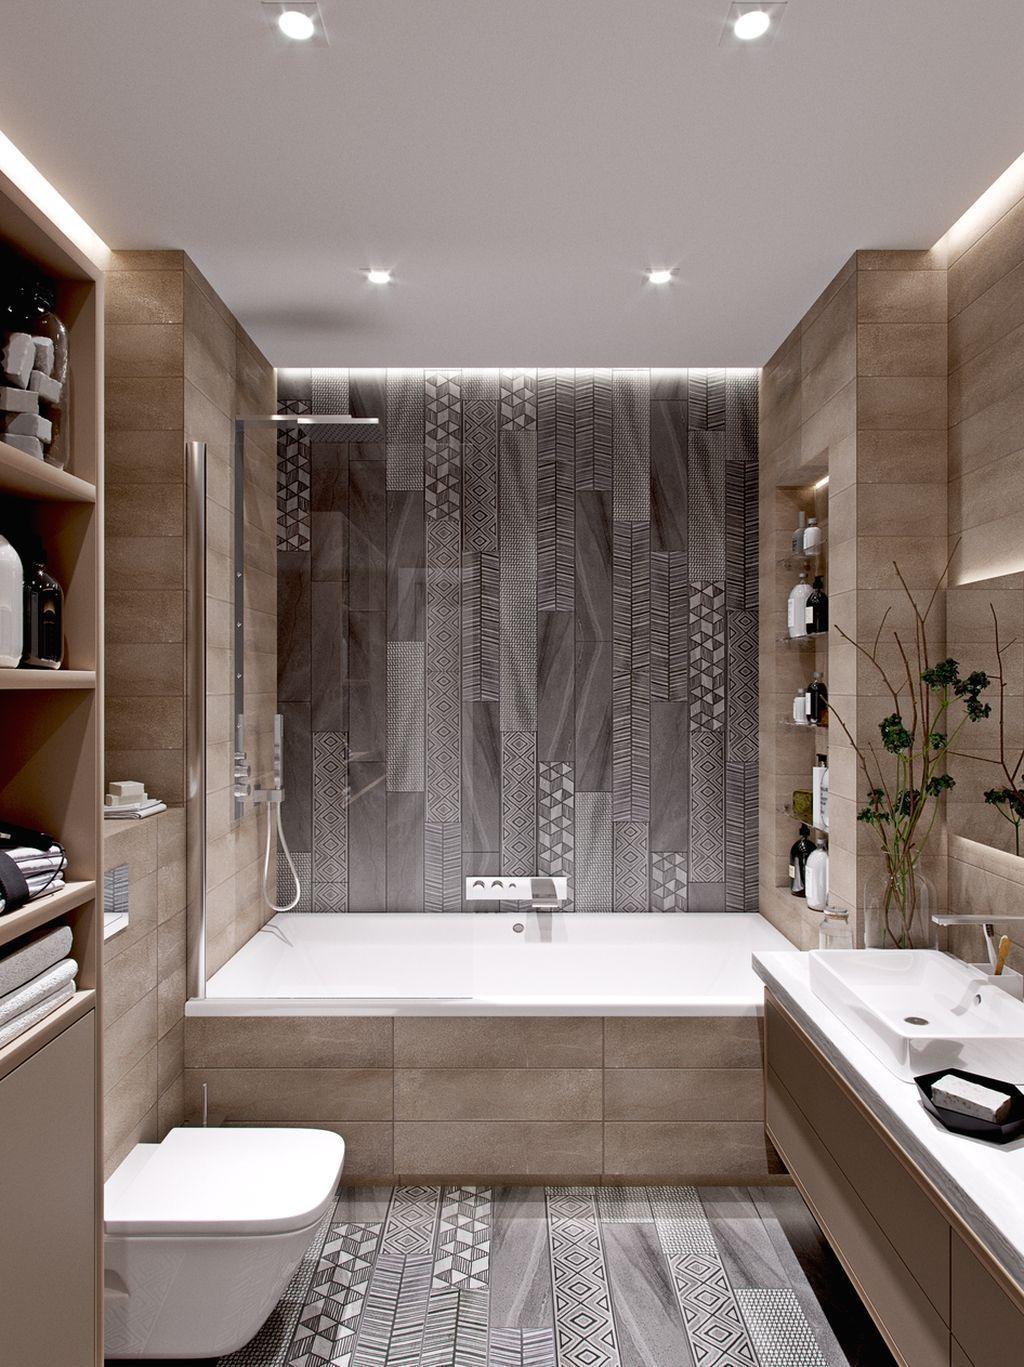 35 Awesome Bathroom Wall Decor Ideas Minimalist Bathroom Design Minimalist Bathroom Bathroom Design Small